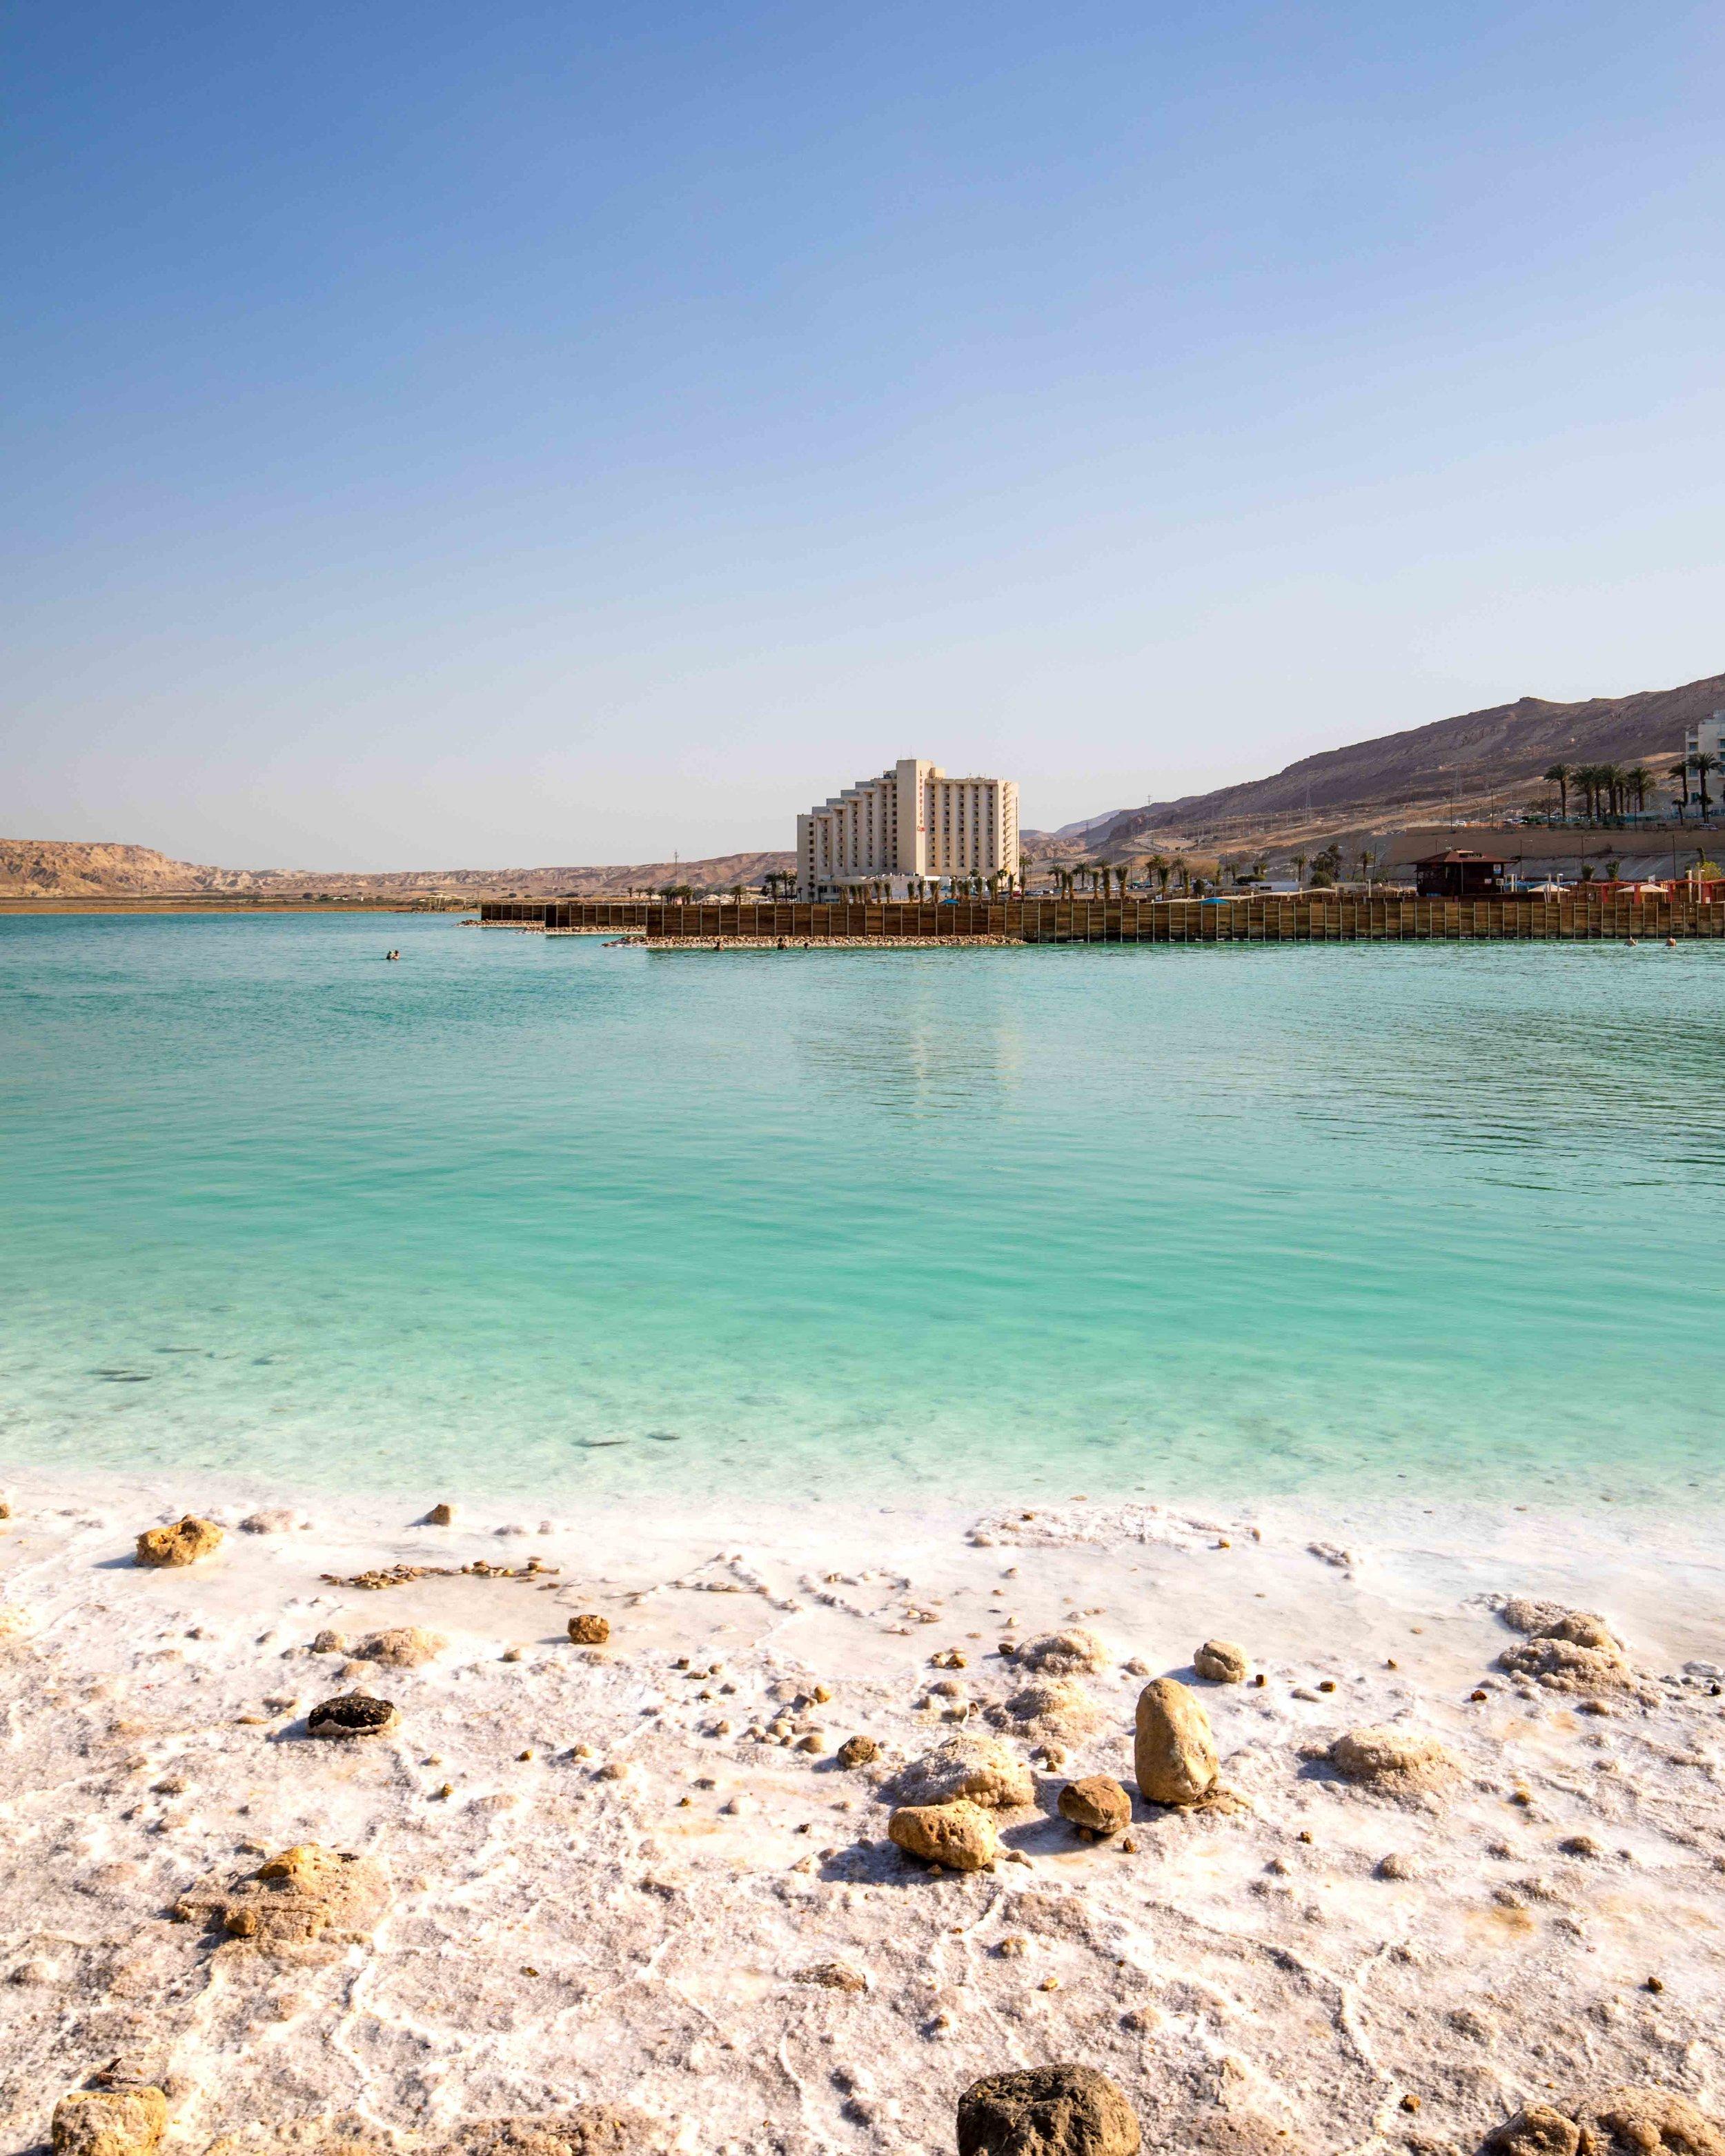 The Dead Sea at Ein Bokek